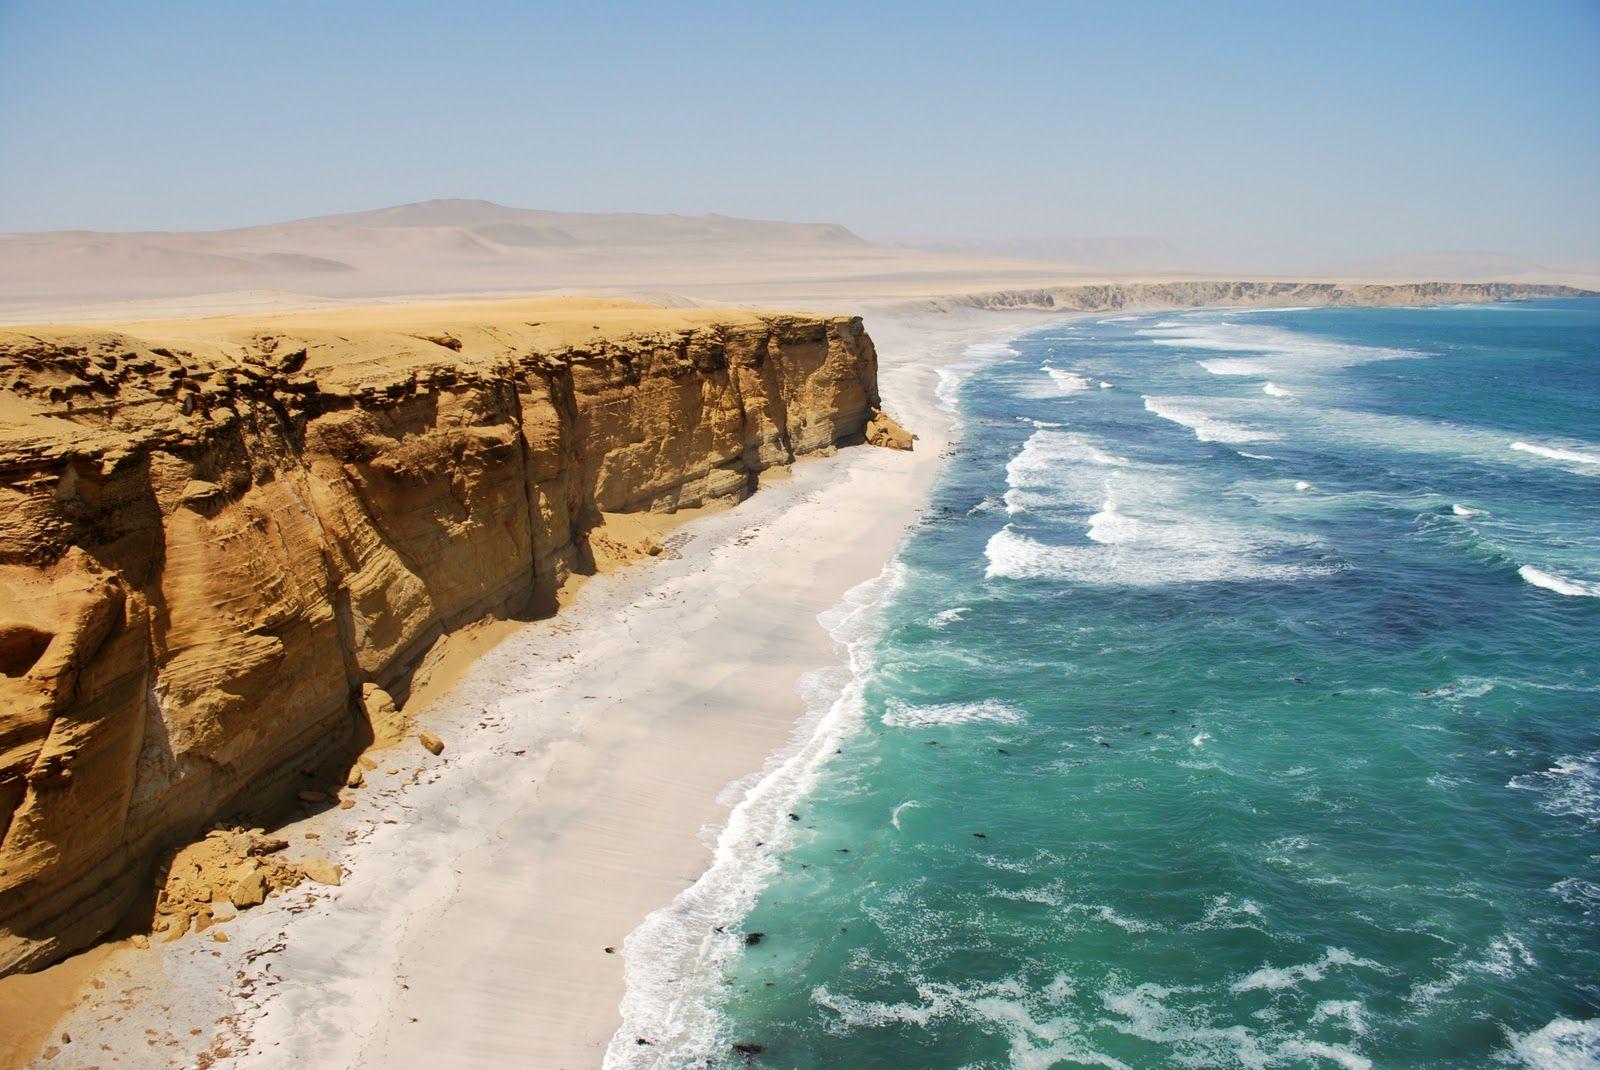 Mancora Peru Beautiful Beaches I Loved It There